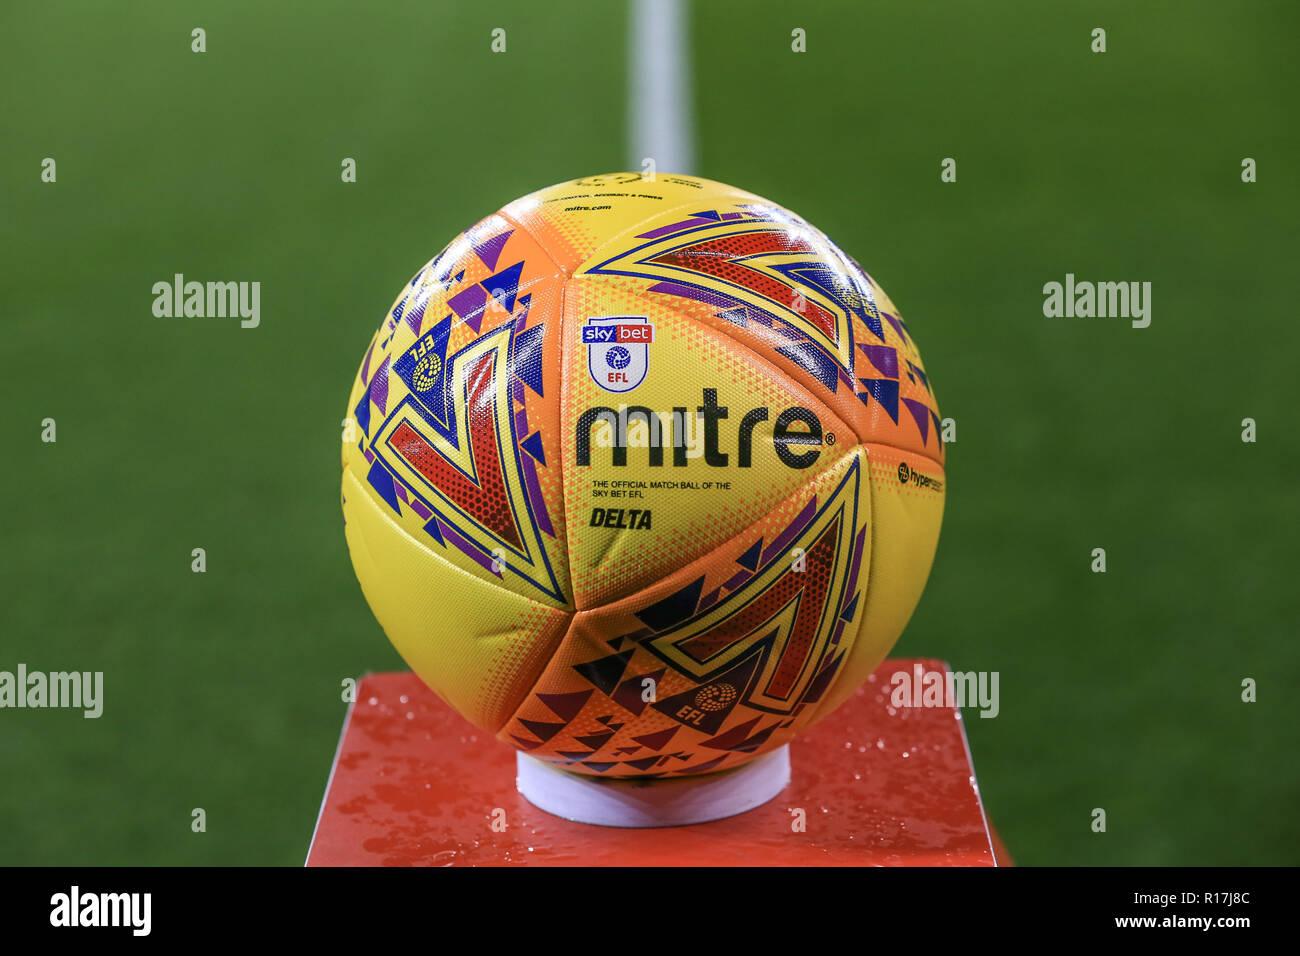 Mitre Football Imágenes De Stock   Mitre Football Fotos De Stock - Alamy 7b6456d61eabd